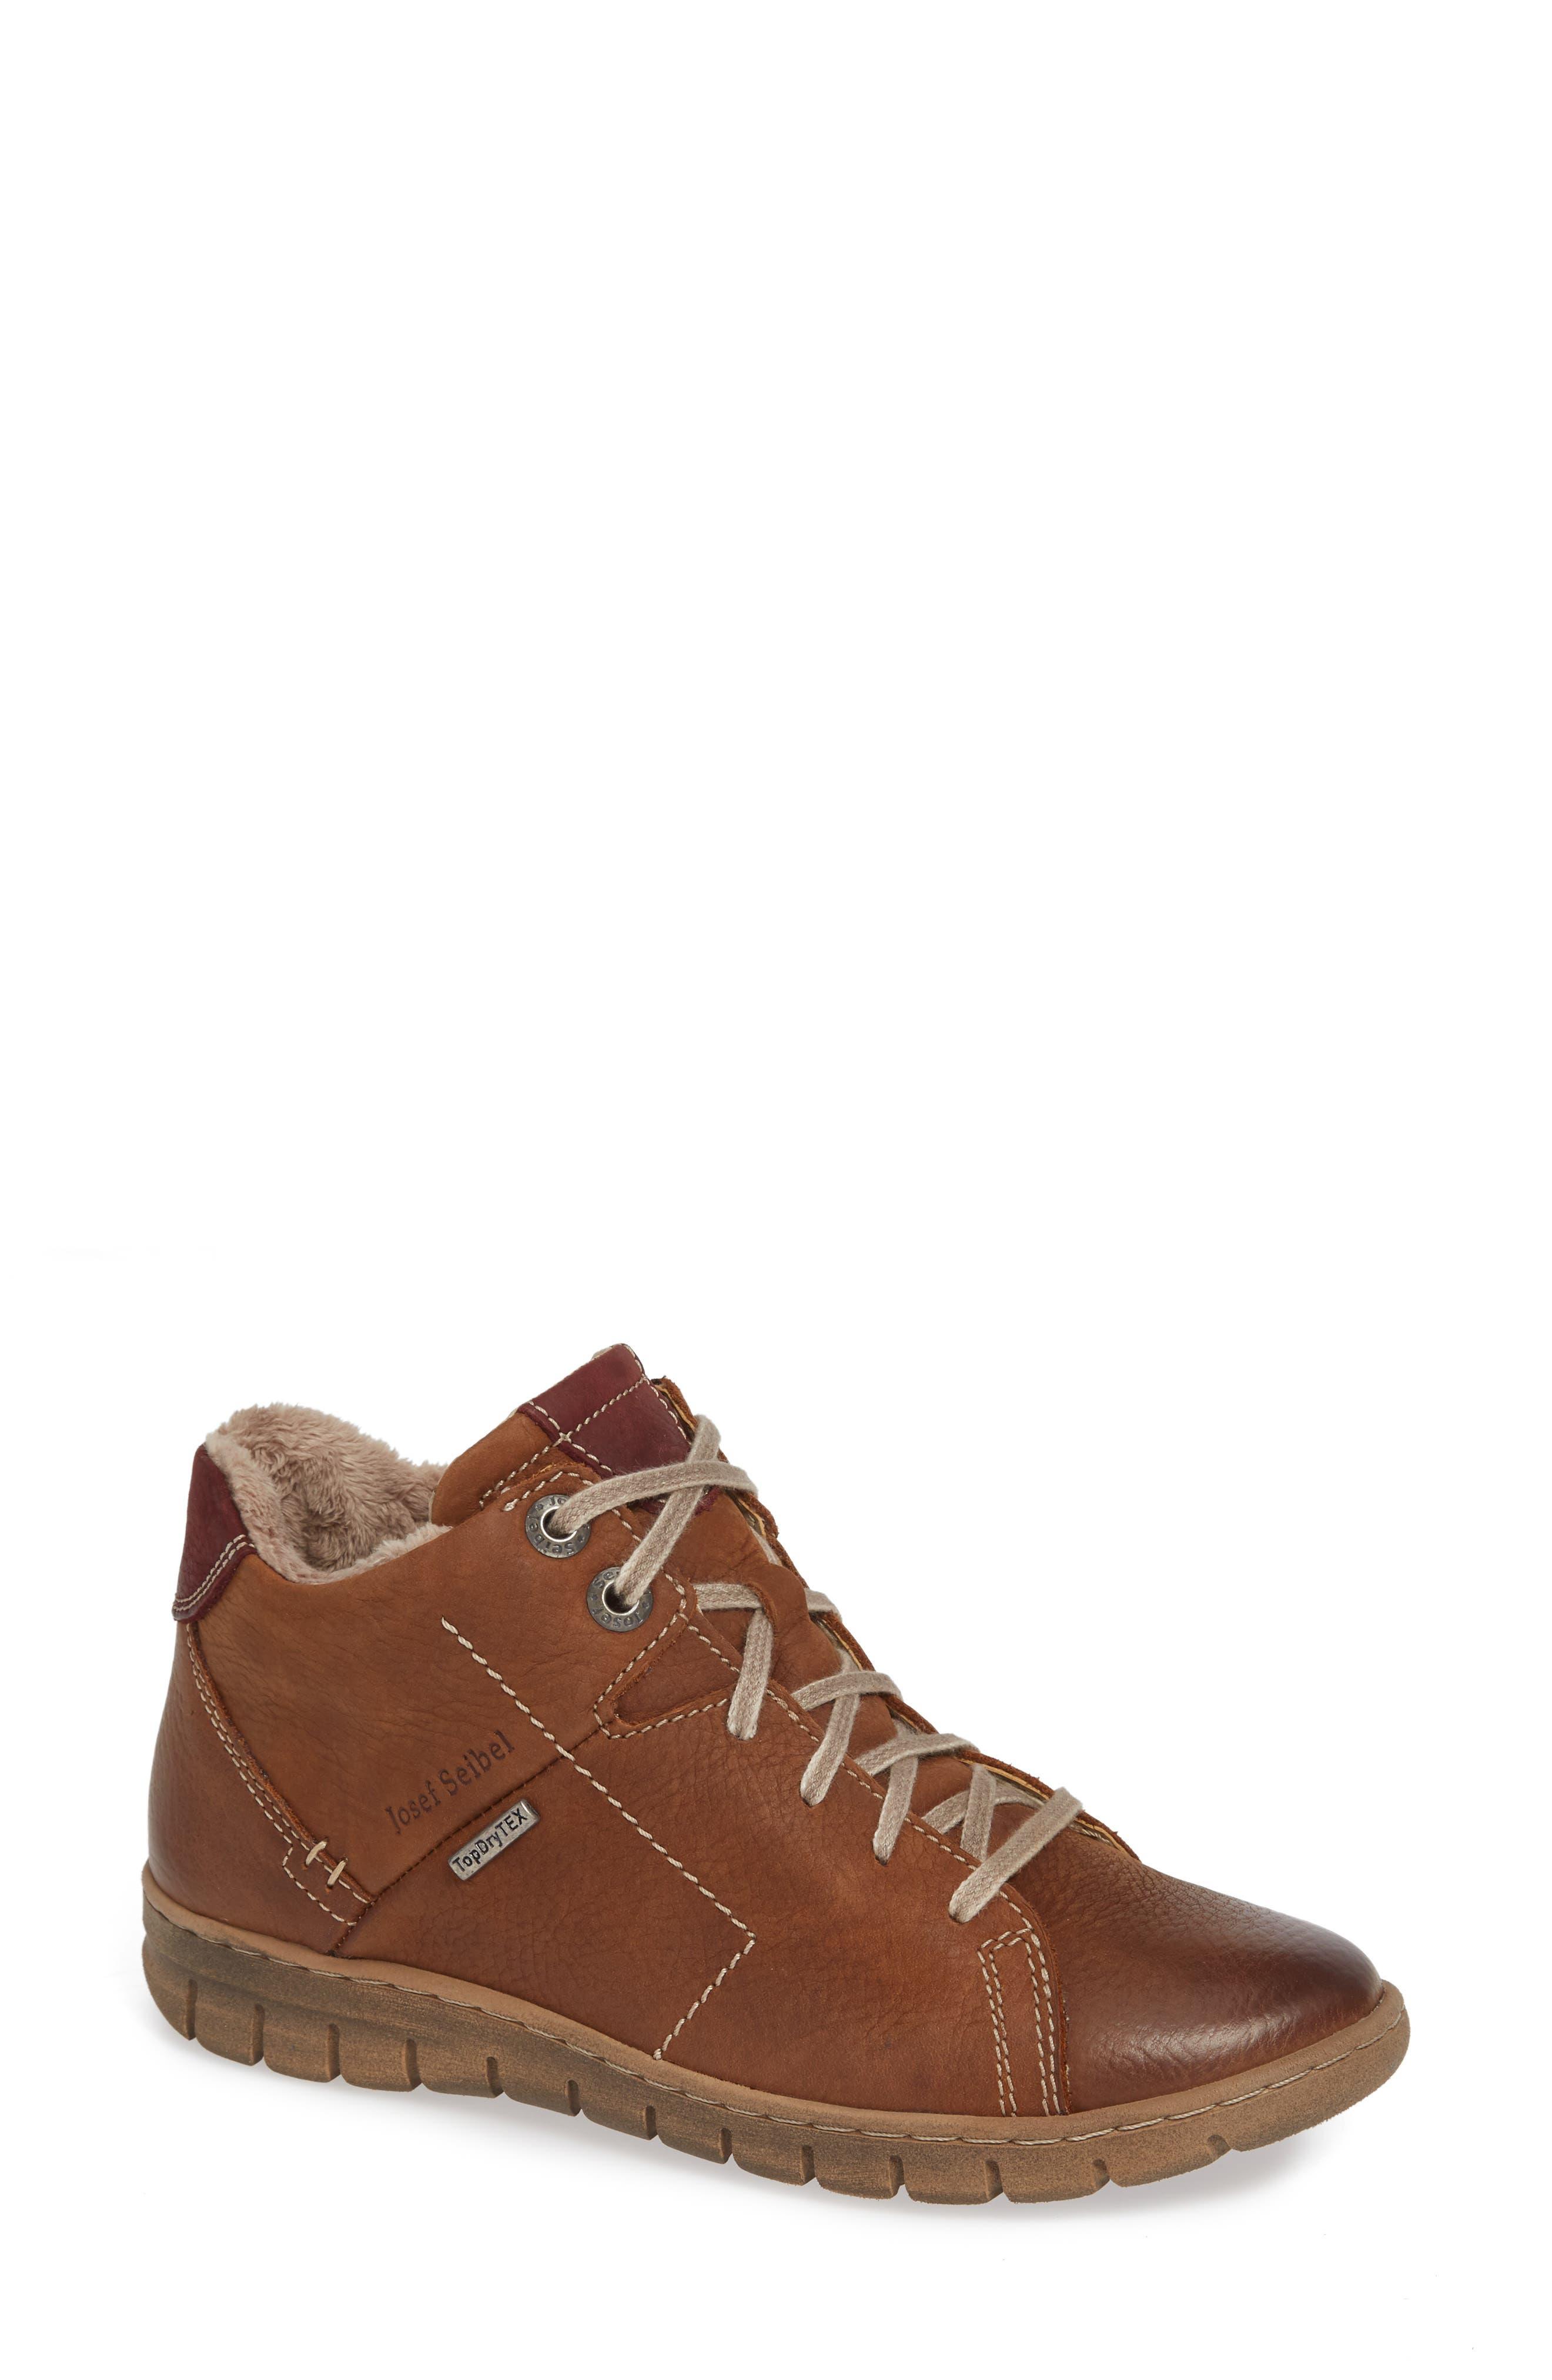 Josef Seibel Steffi 58 Sneaker Bootie, Brown